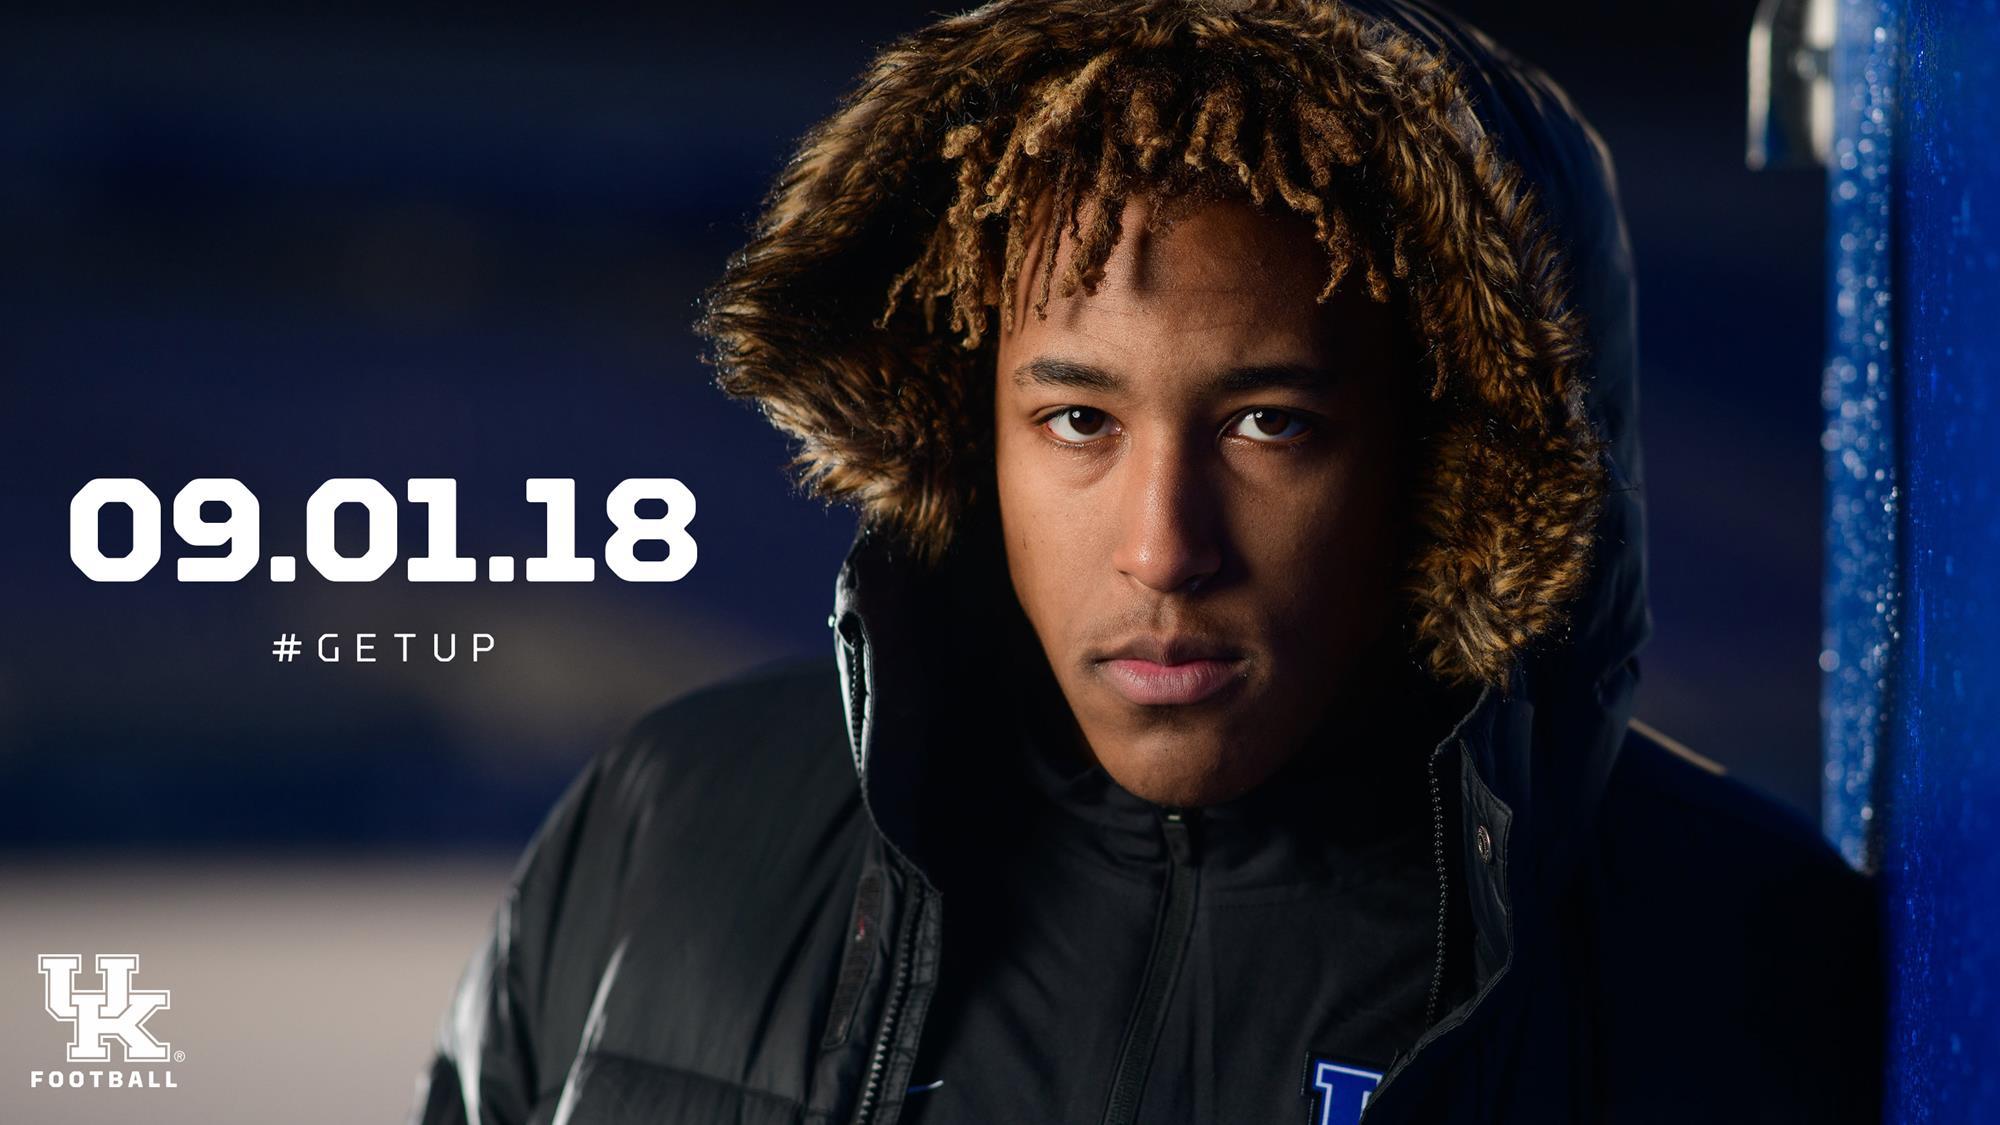 2018 Kentucky Football Super Bowl mercial – Get Up University